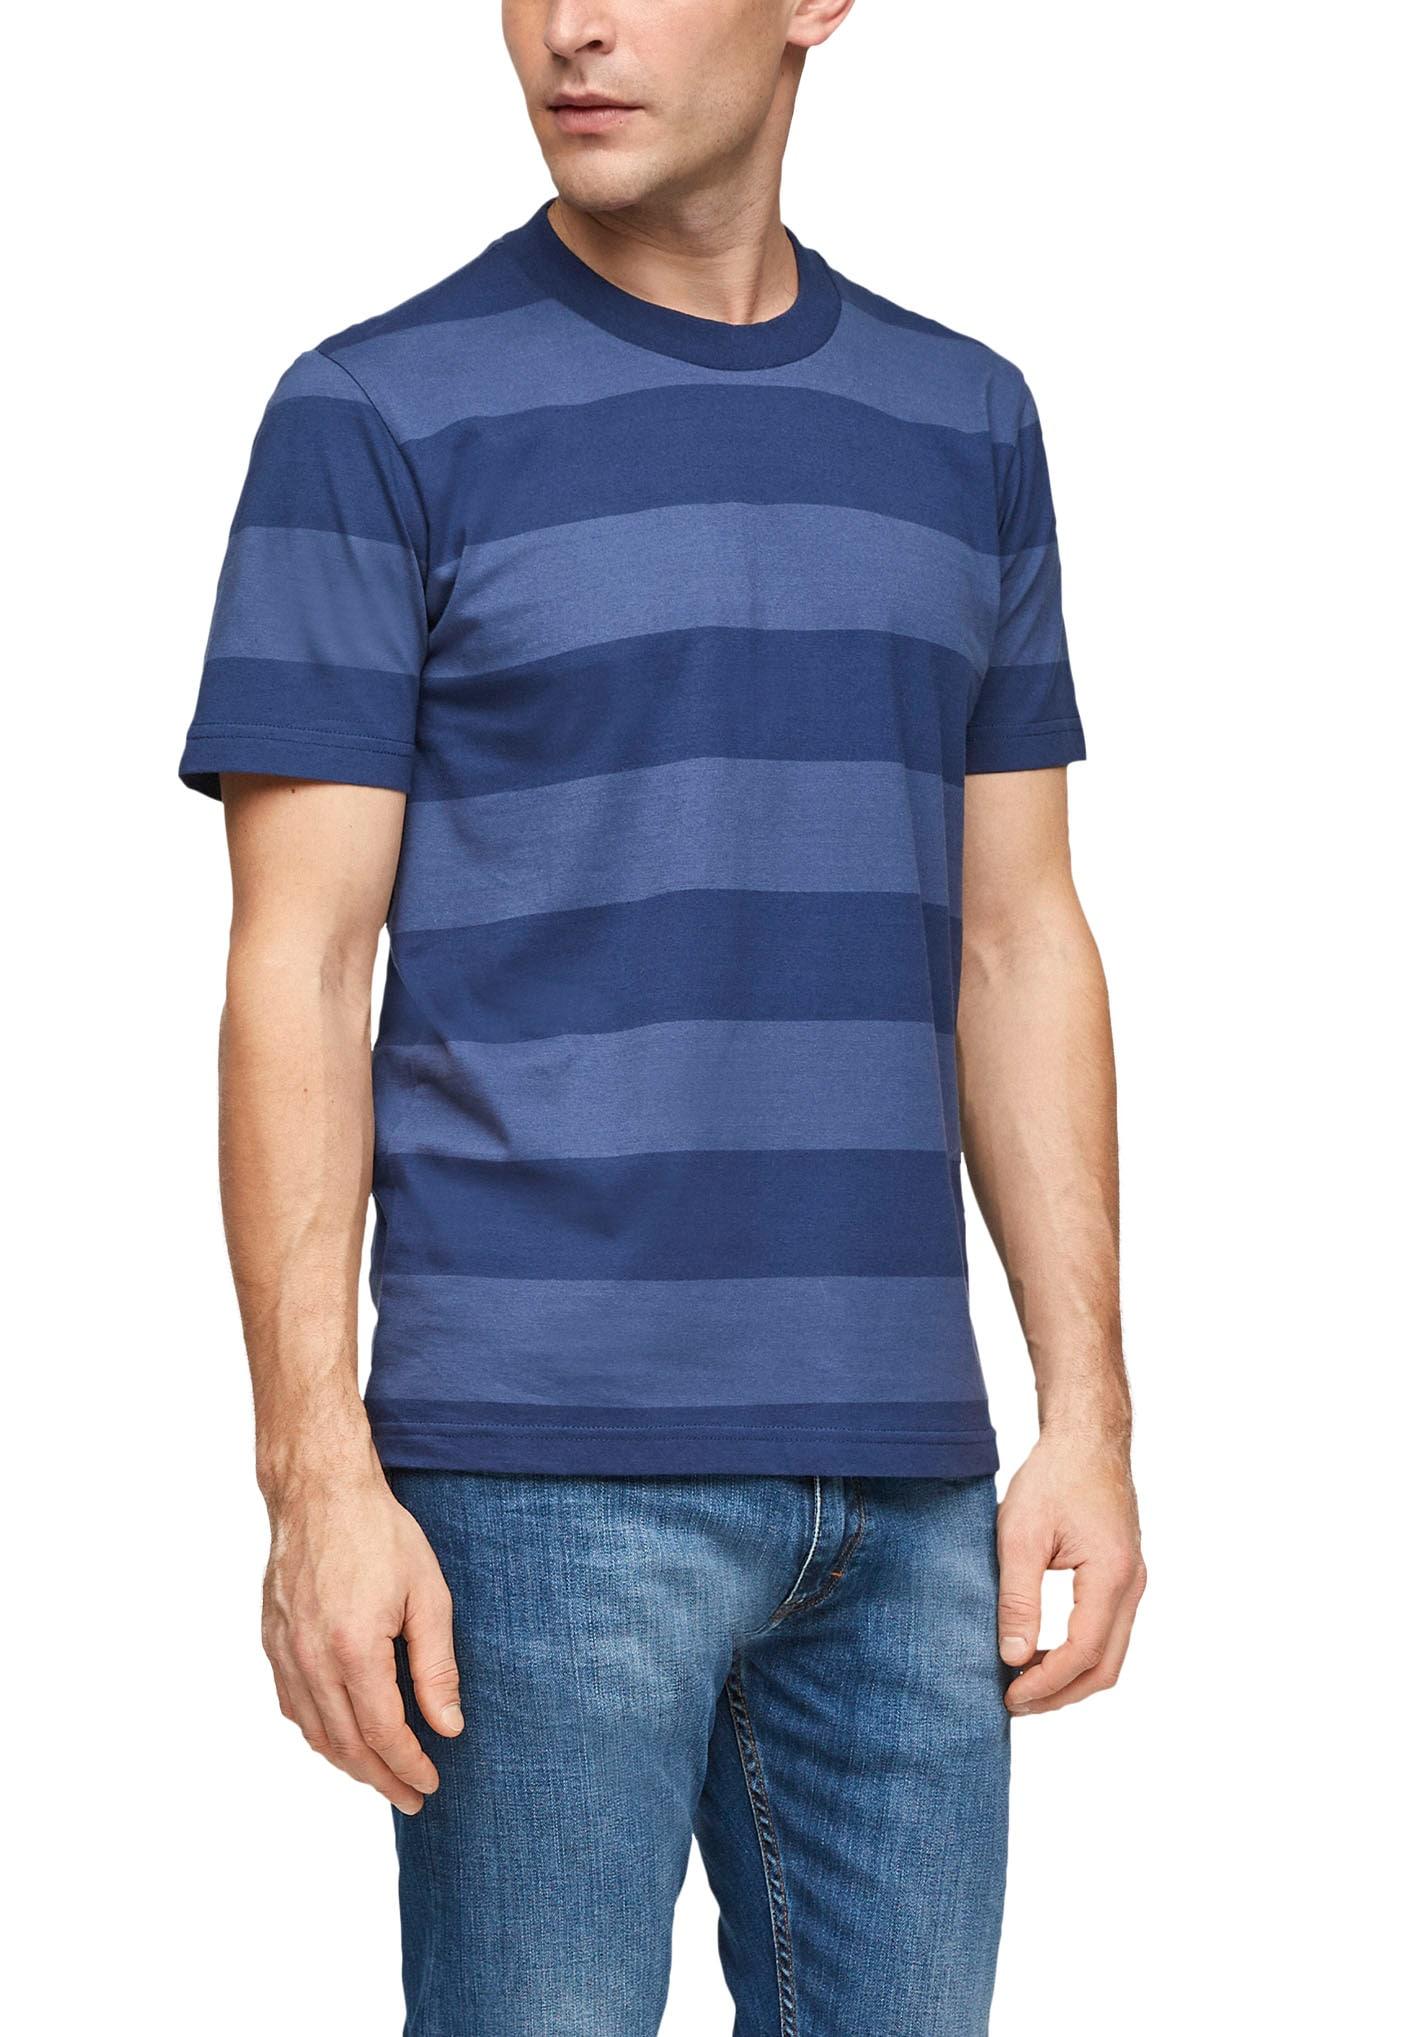 s.oliver -  T-Shirt, mit Blockstreifen